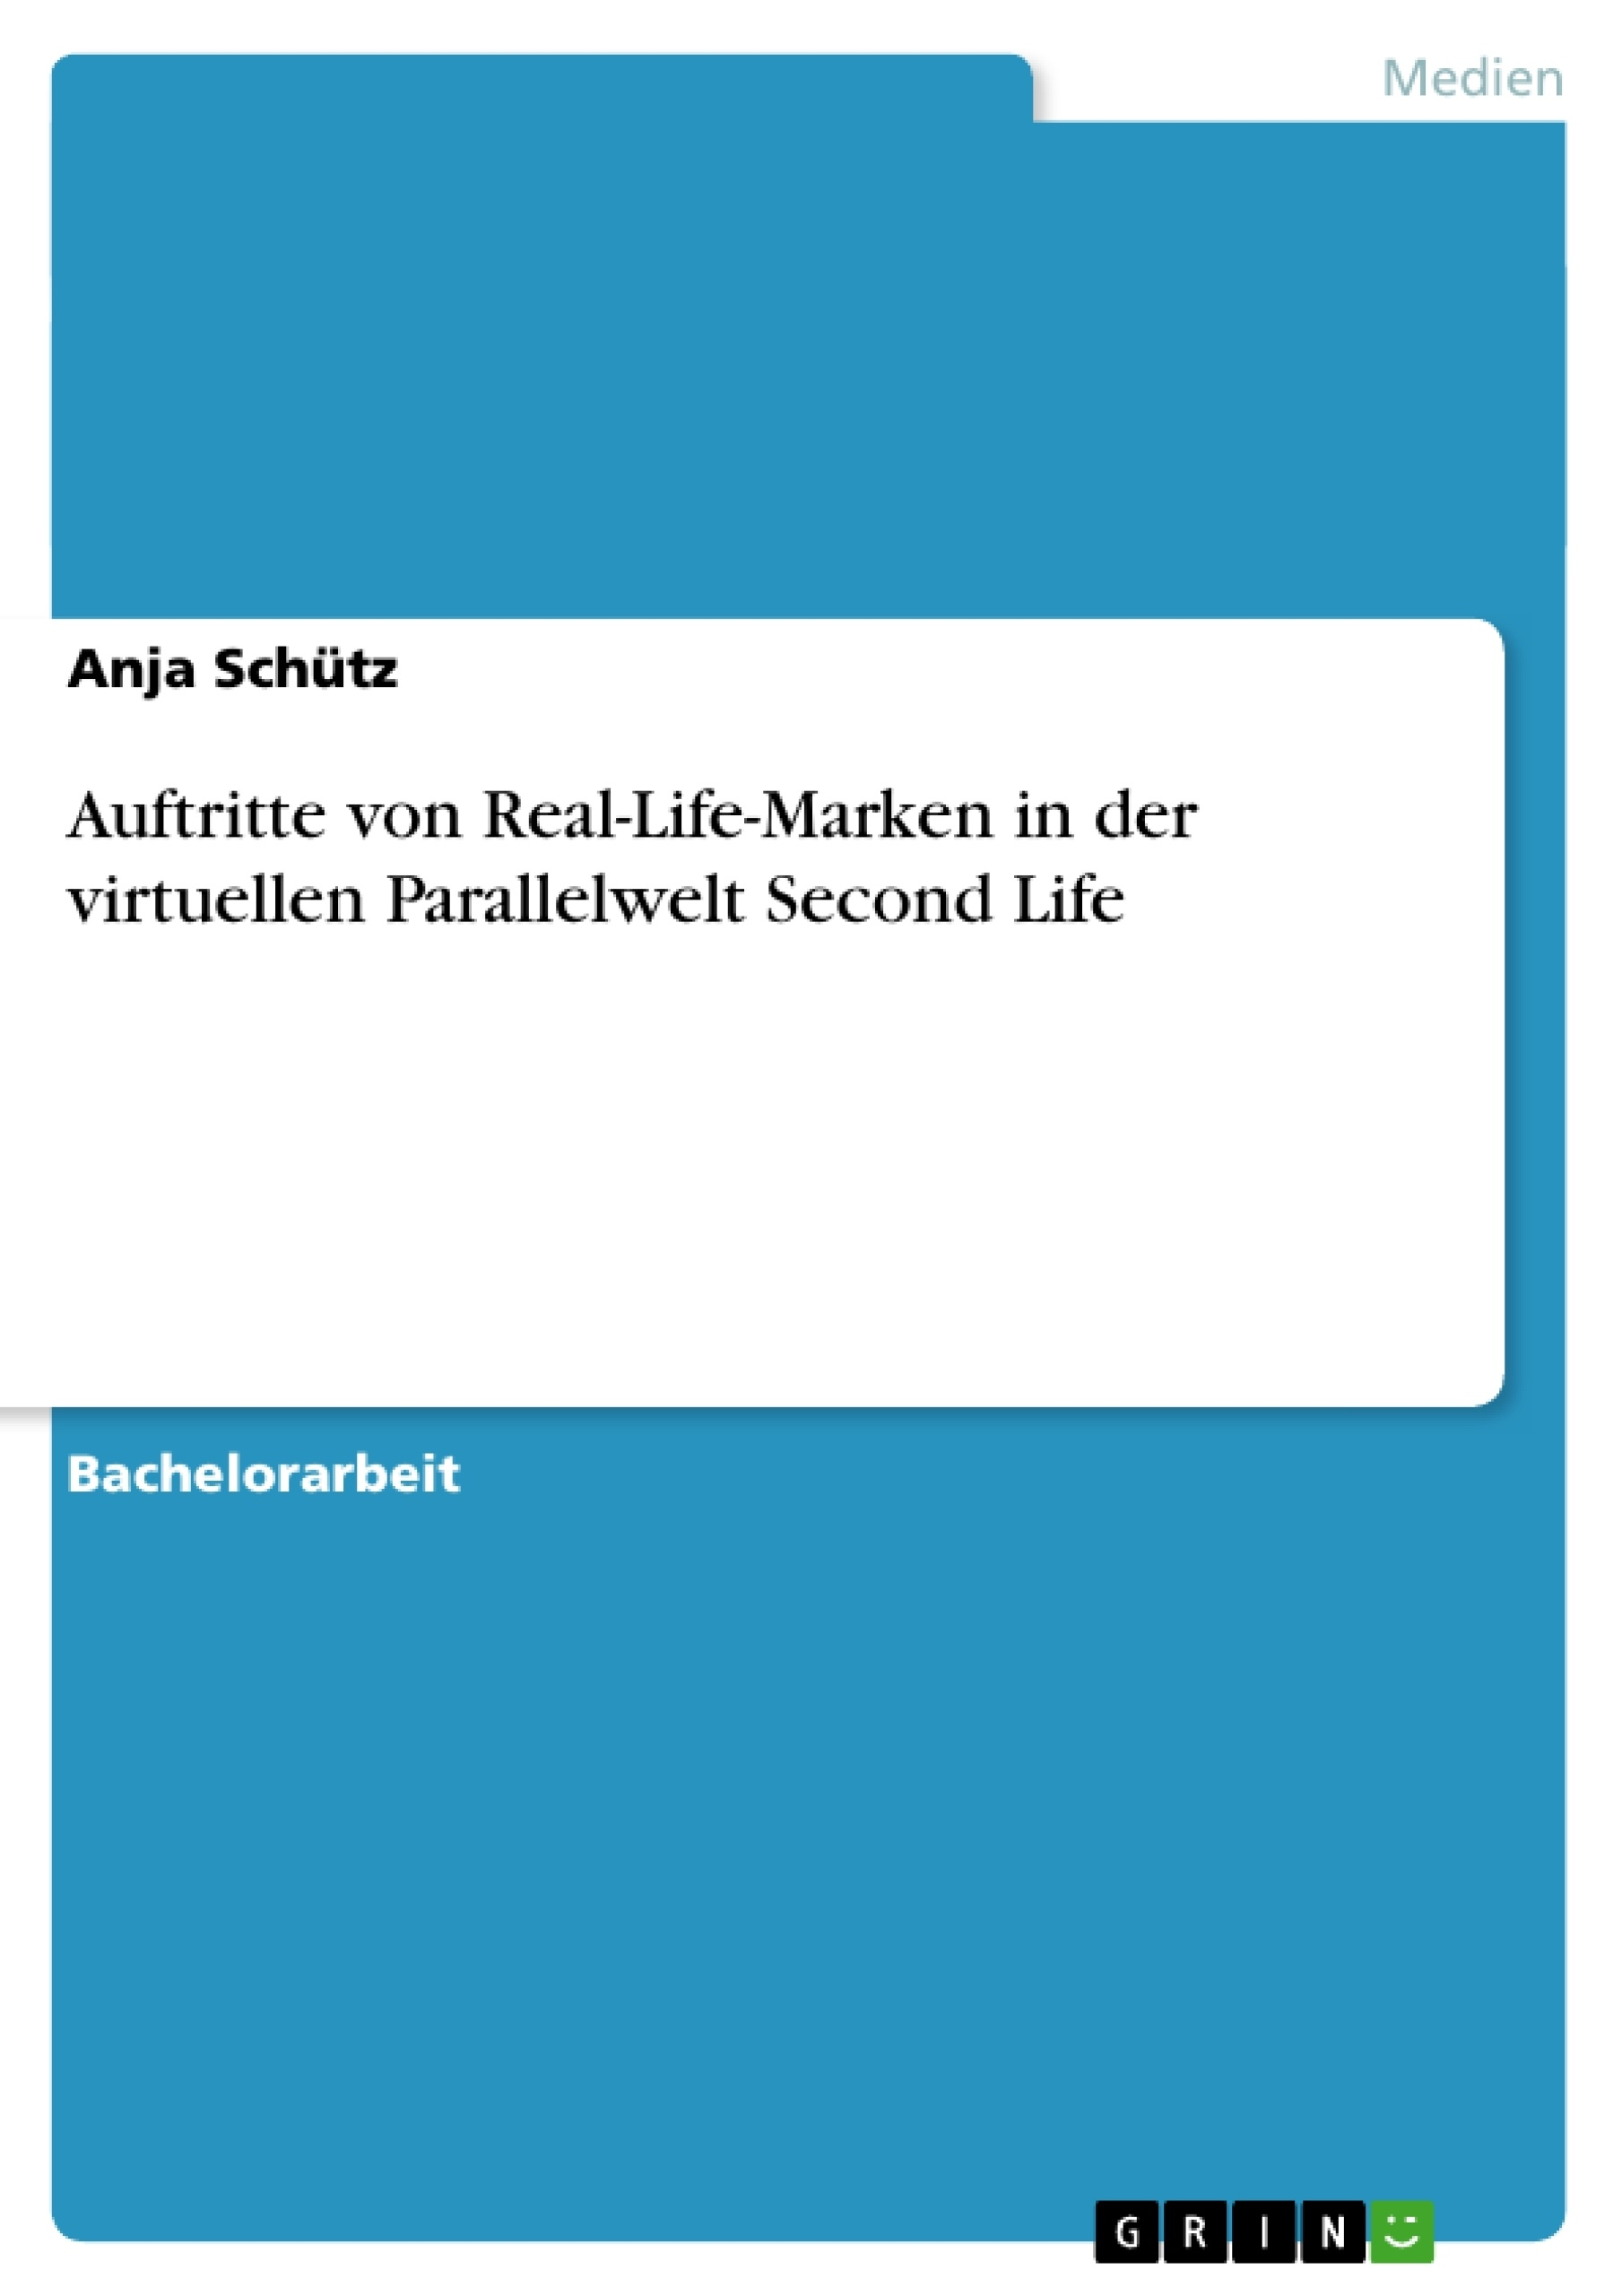 Titel: Auftritte von Real-Life-Marken in der virtuellen Parallelwelt Second Life